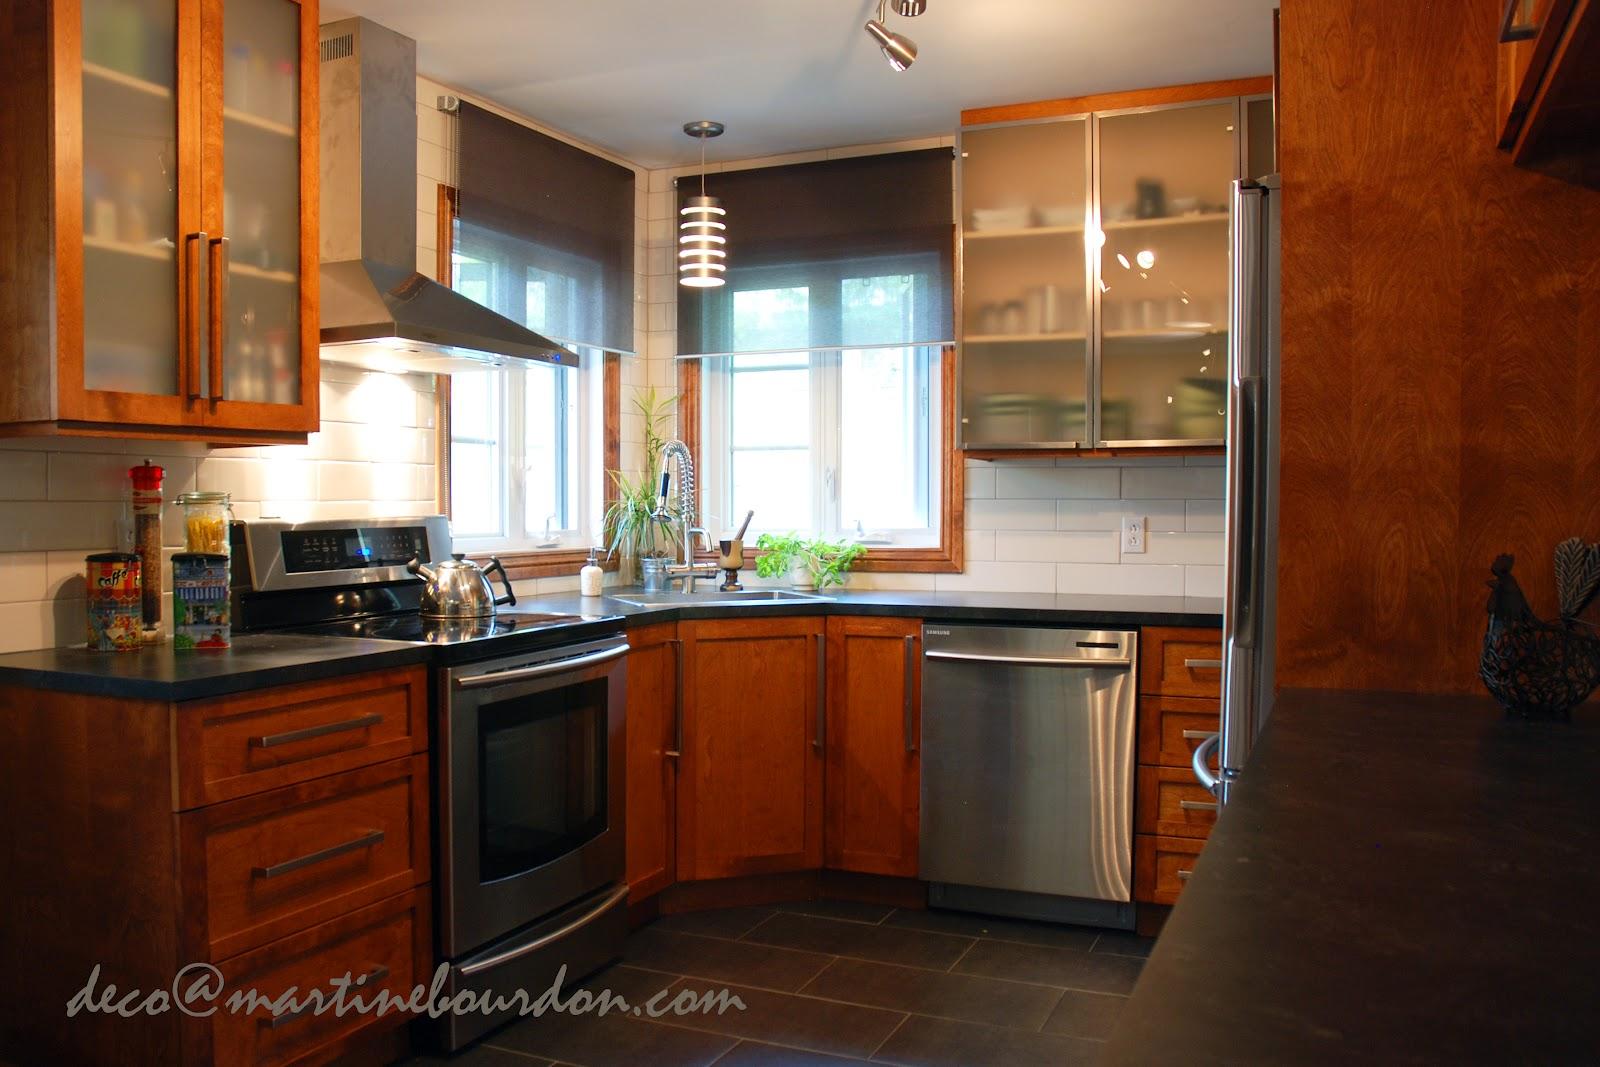 L 39 espace d co un passe plat une cuisine et sa petite histoire - Choix de couleur pour cuisine ...